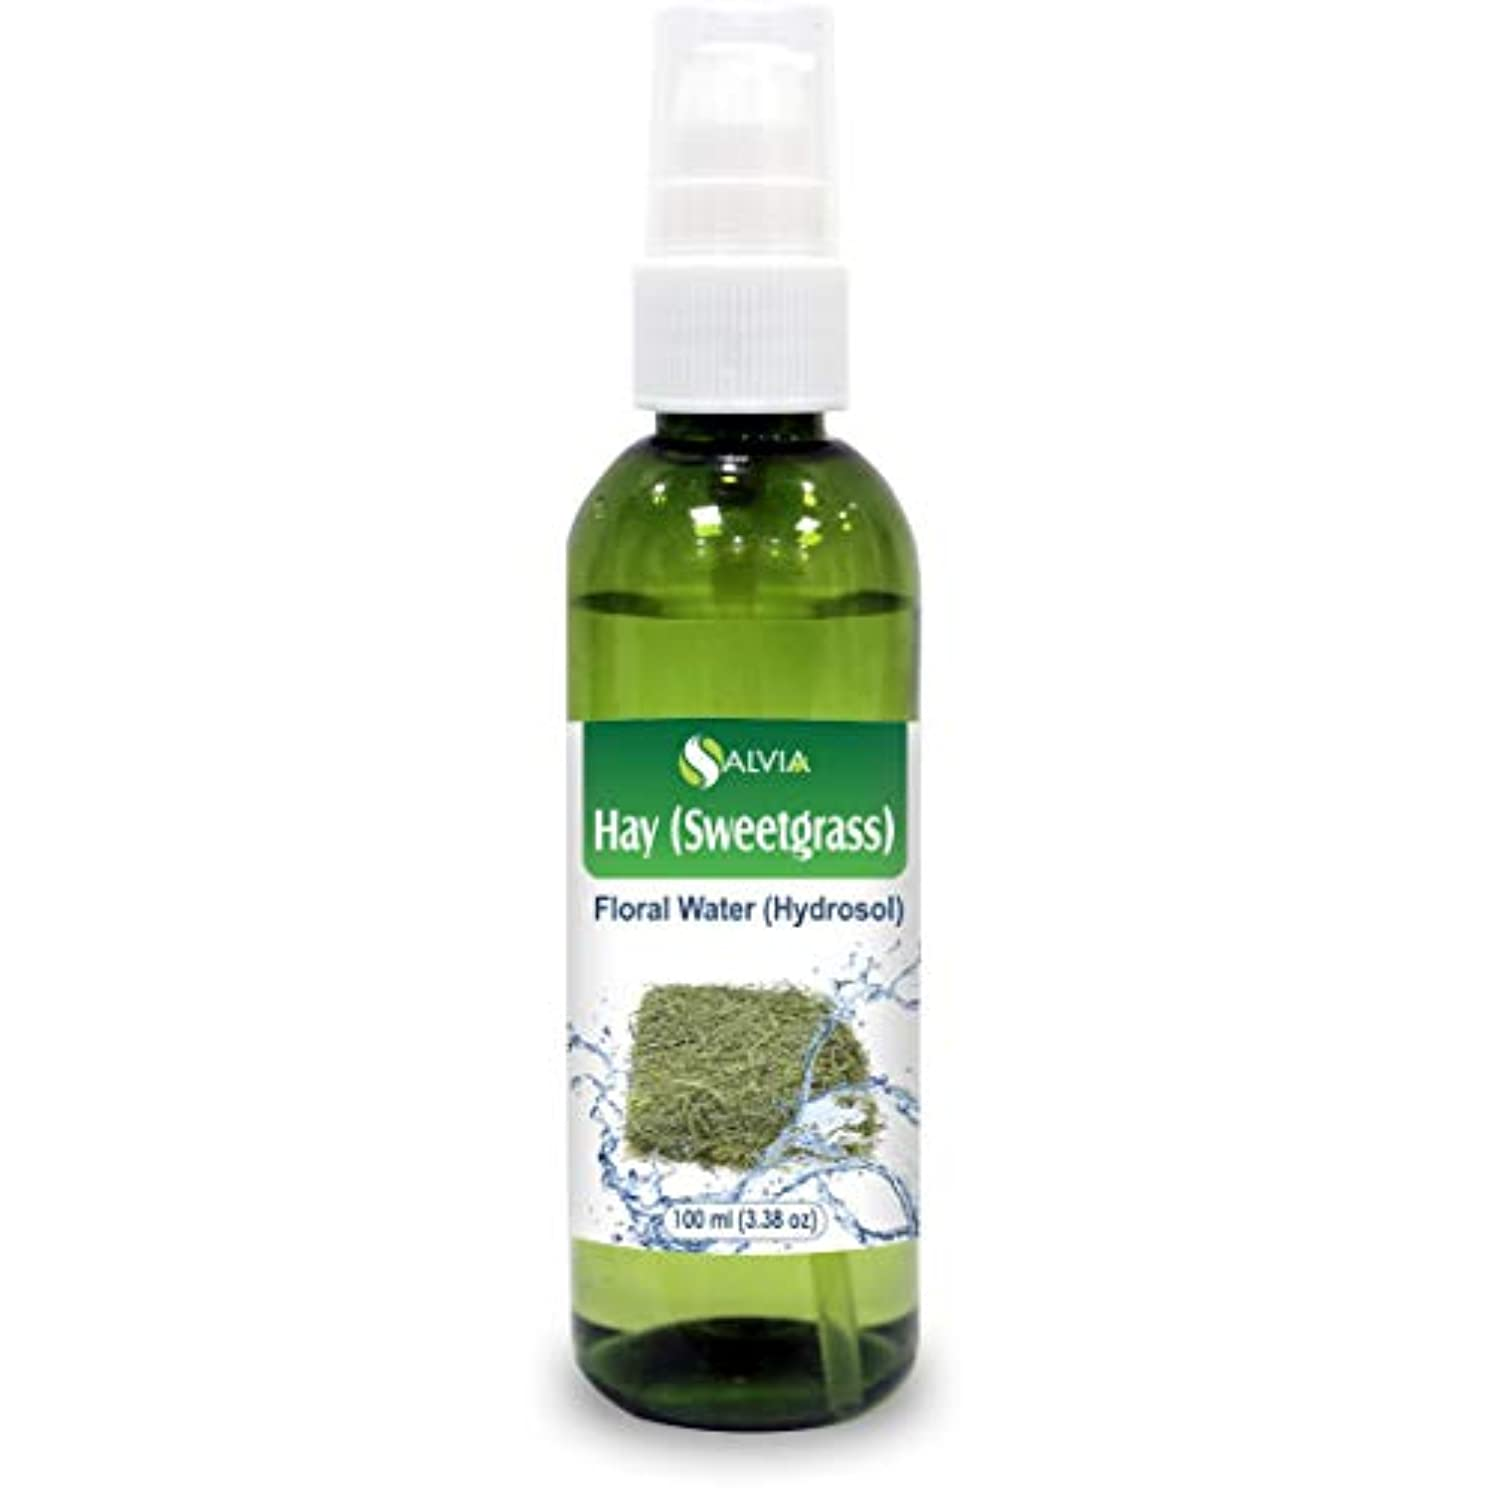 控える増強虐待Hay (Sweetgrass) Floral Water 100ml (Hydrosol) 100% Pure And Natural